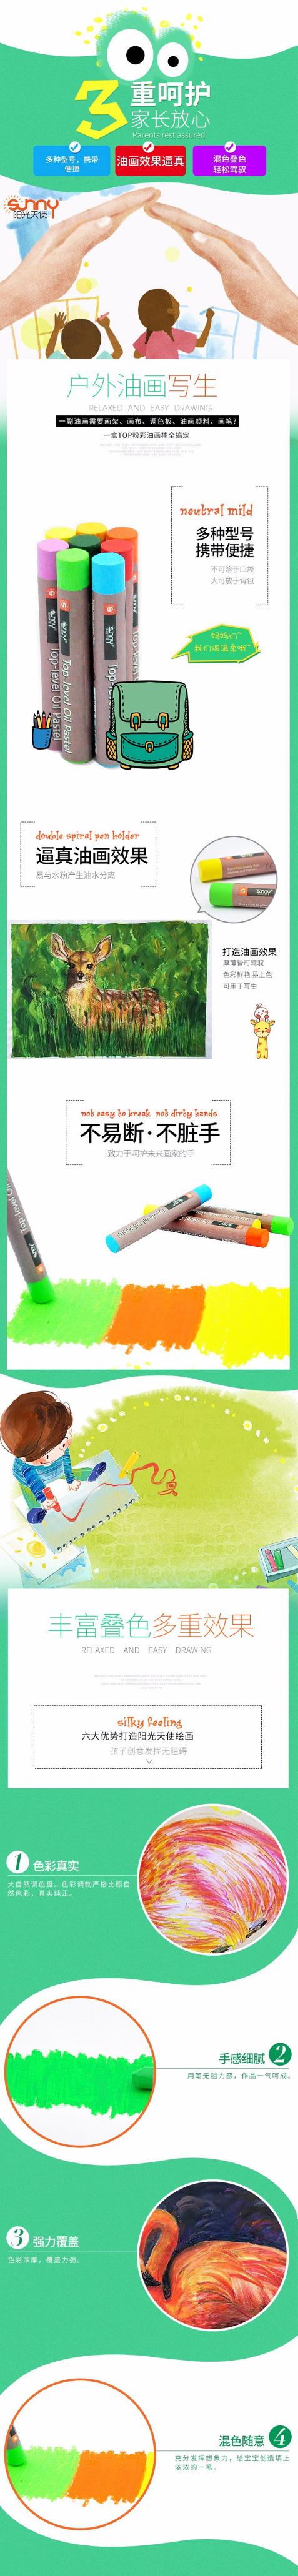 阳光天使 TOP-12 粉彩油画棒